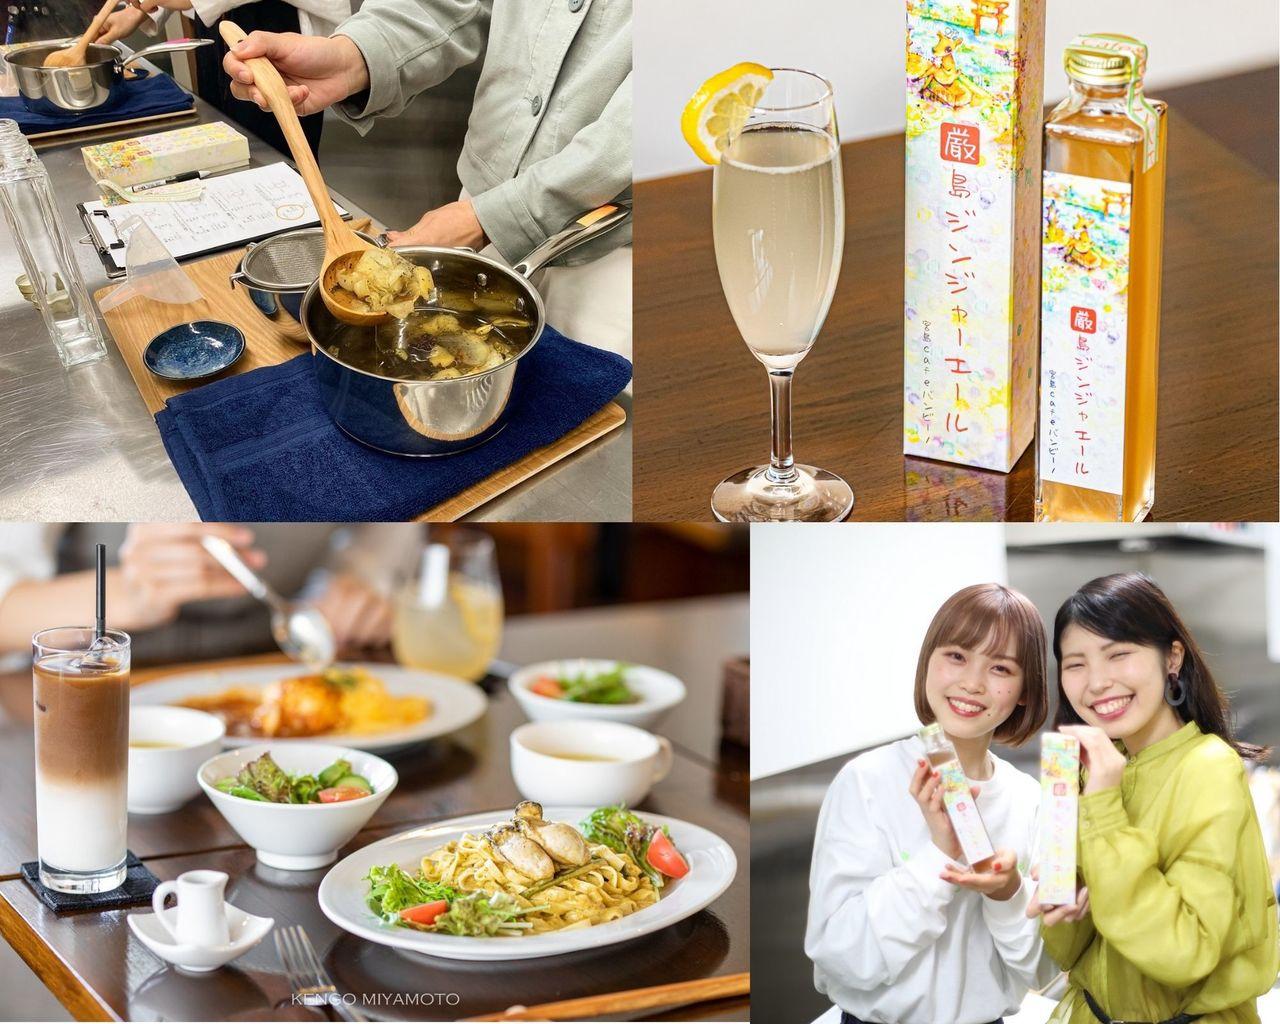 バンビー農園野菜の絶品ランチコース付き♪厳島ジンジャーエール手作り体験!